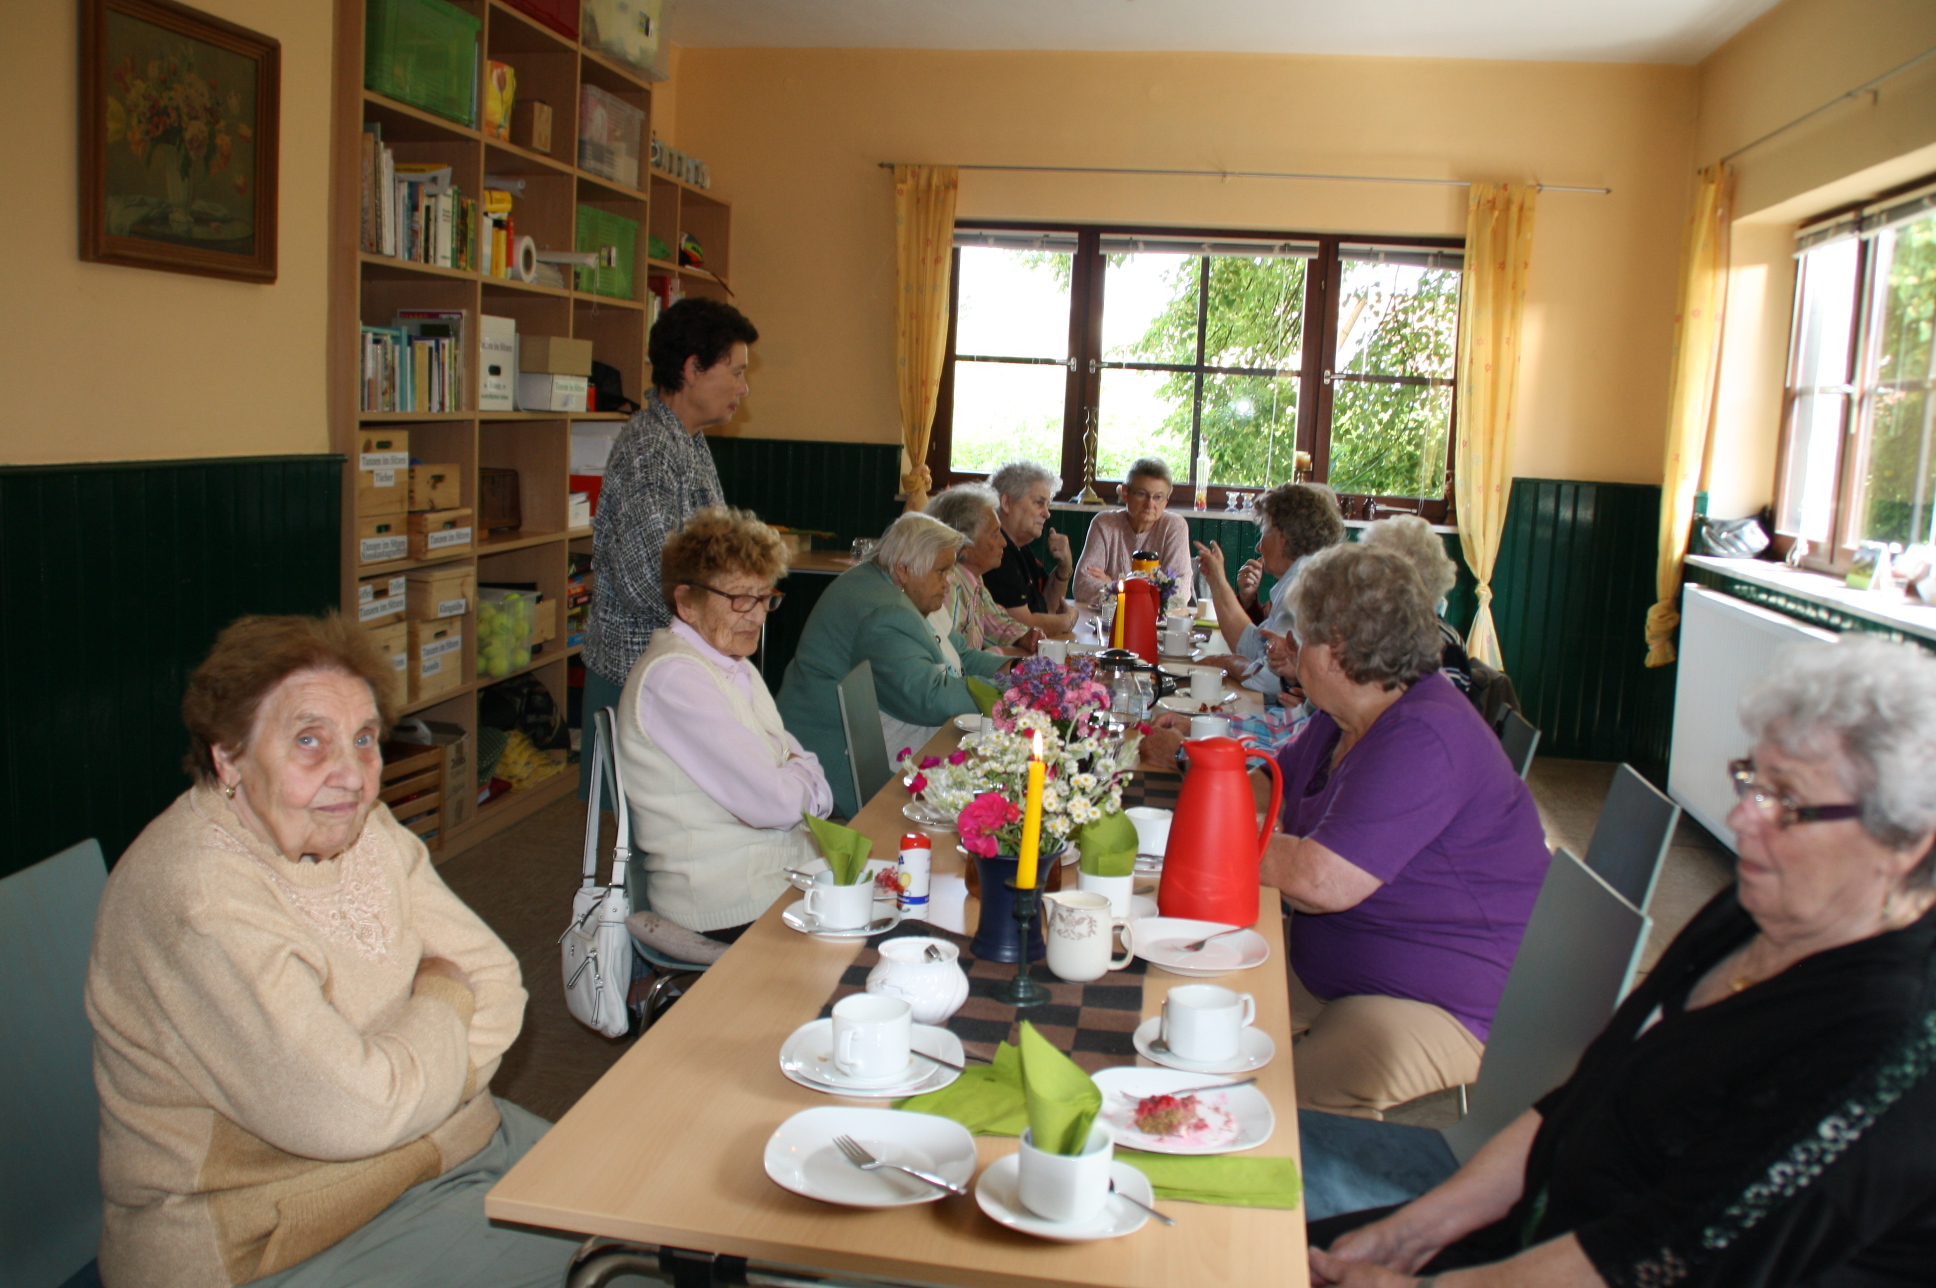 Das bisherige Domizil der Senioren im Mehrgenerationenhaus. Hier treffen sie sich zum Kaffee, Mittagessen, Gedächtnis- und Bewegungstraining.